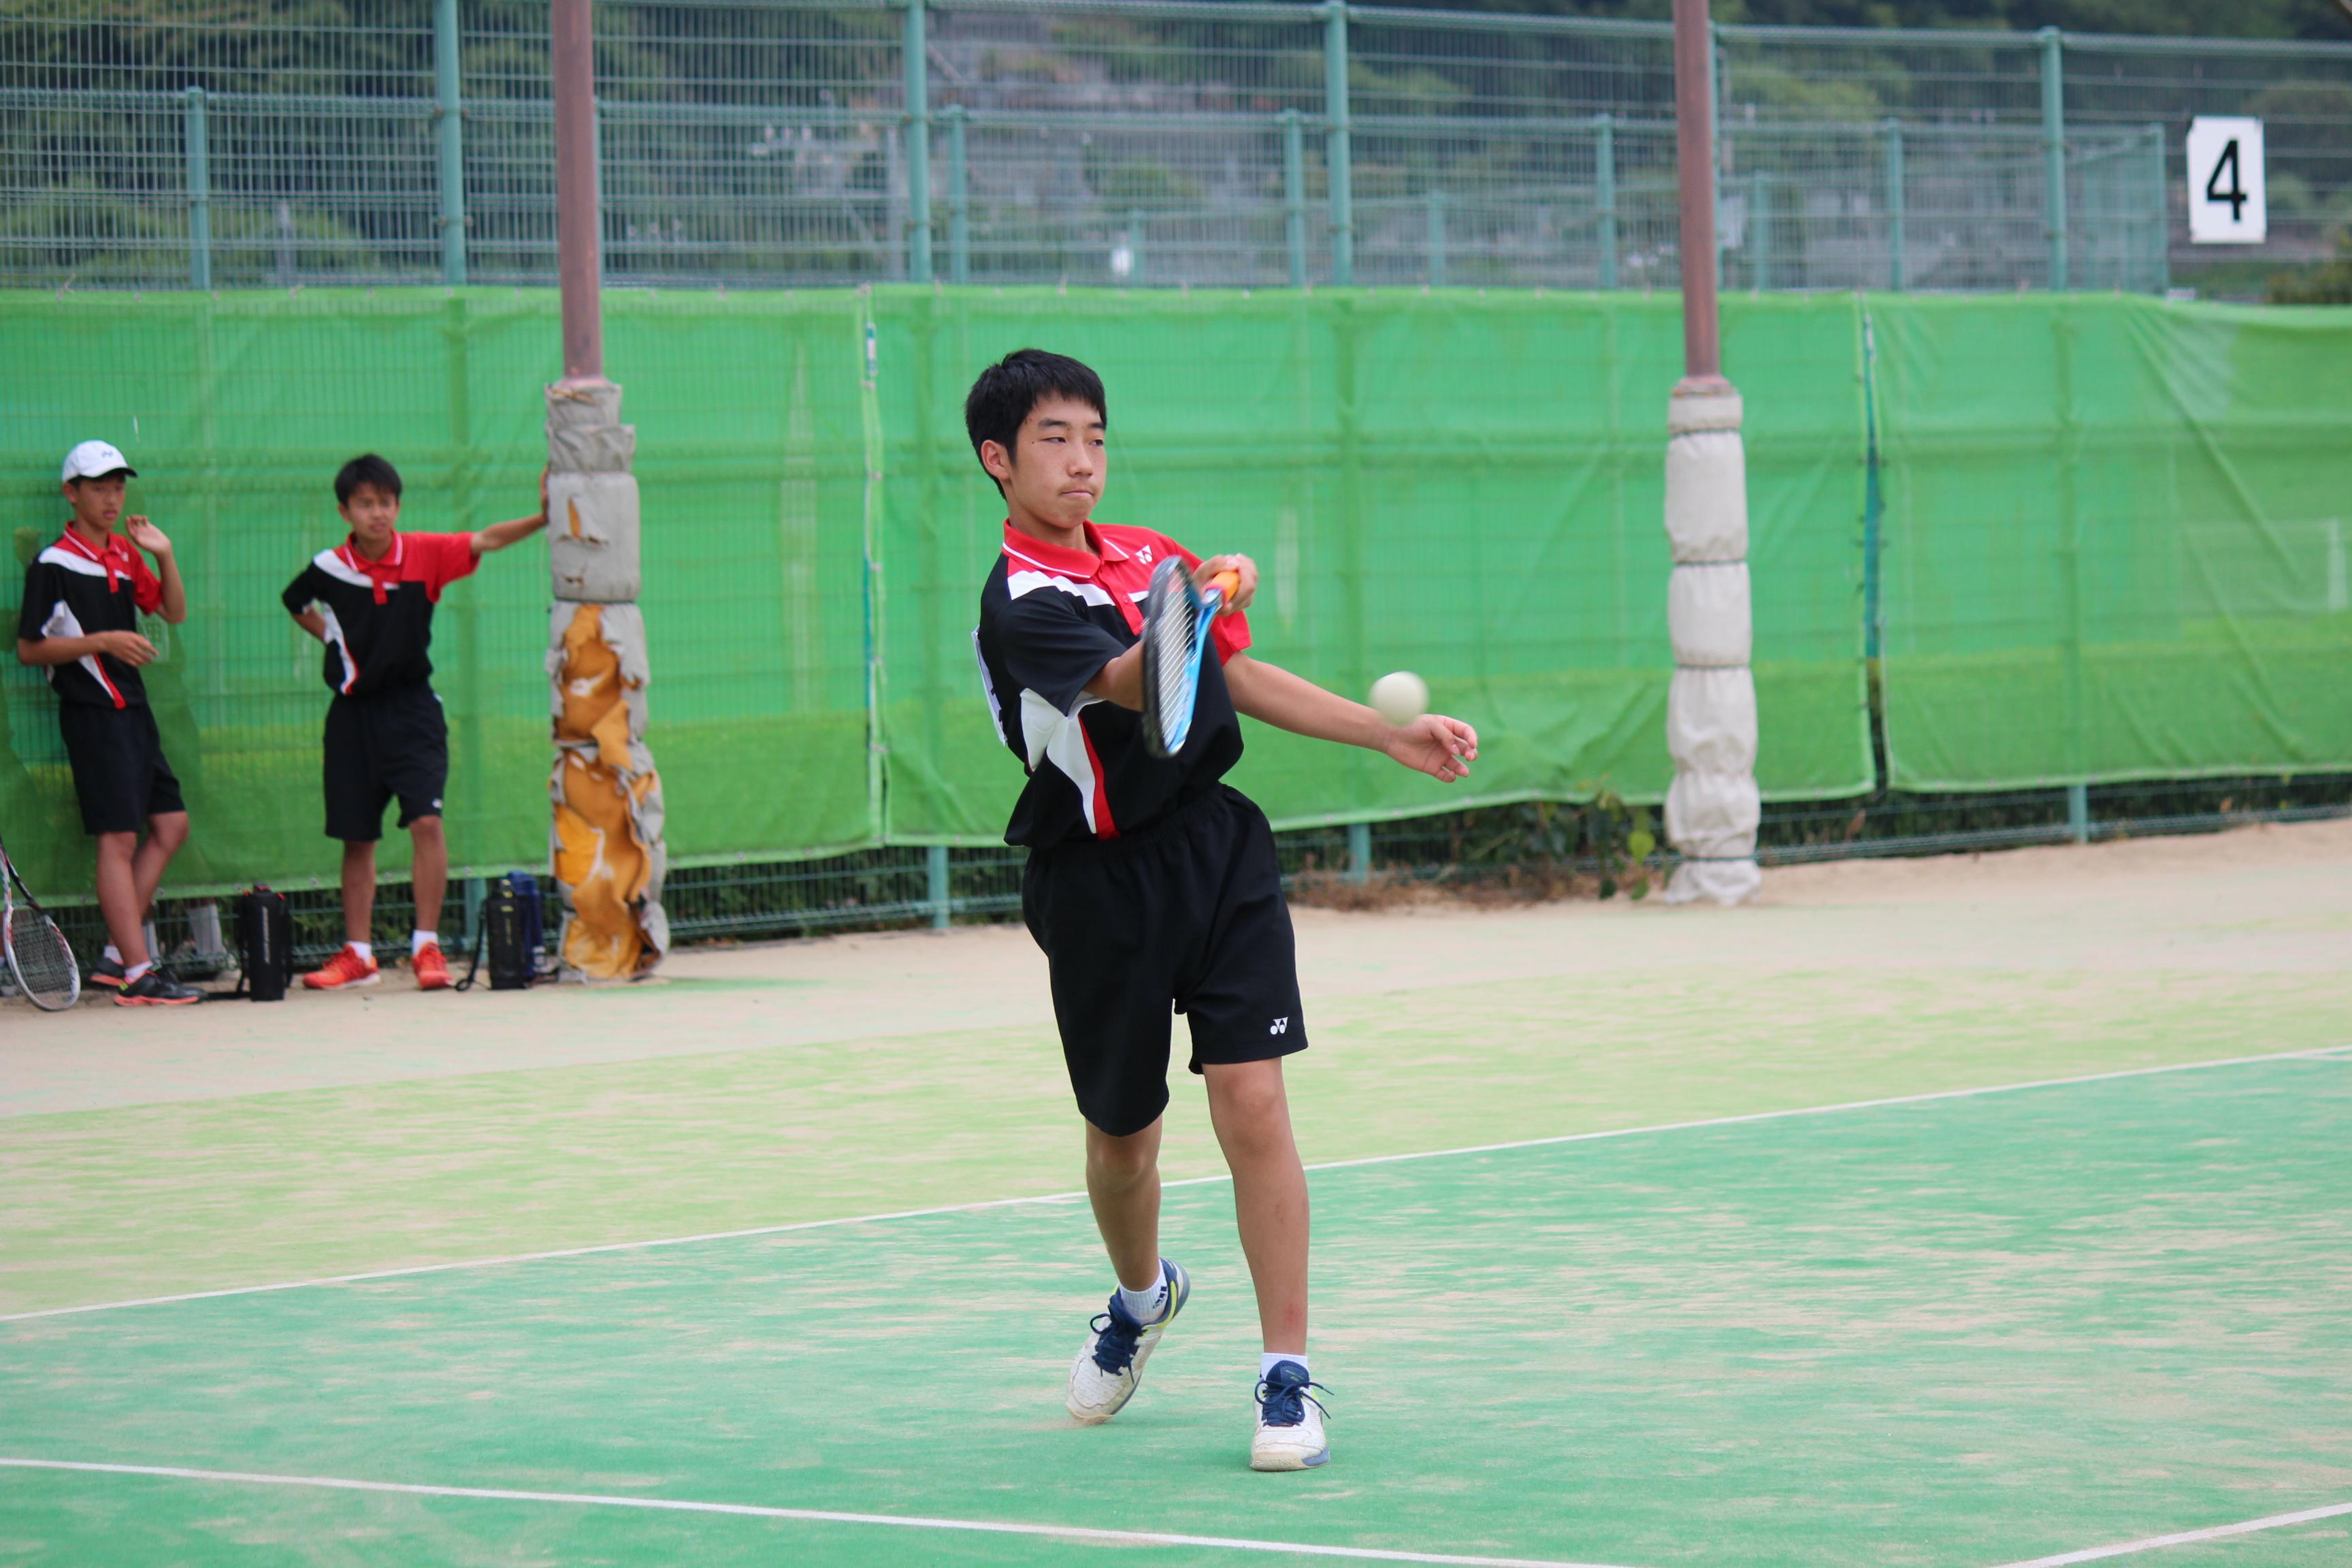 ソフトテニス (7)